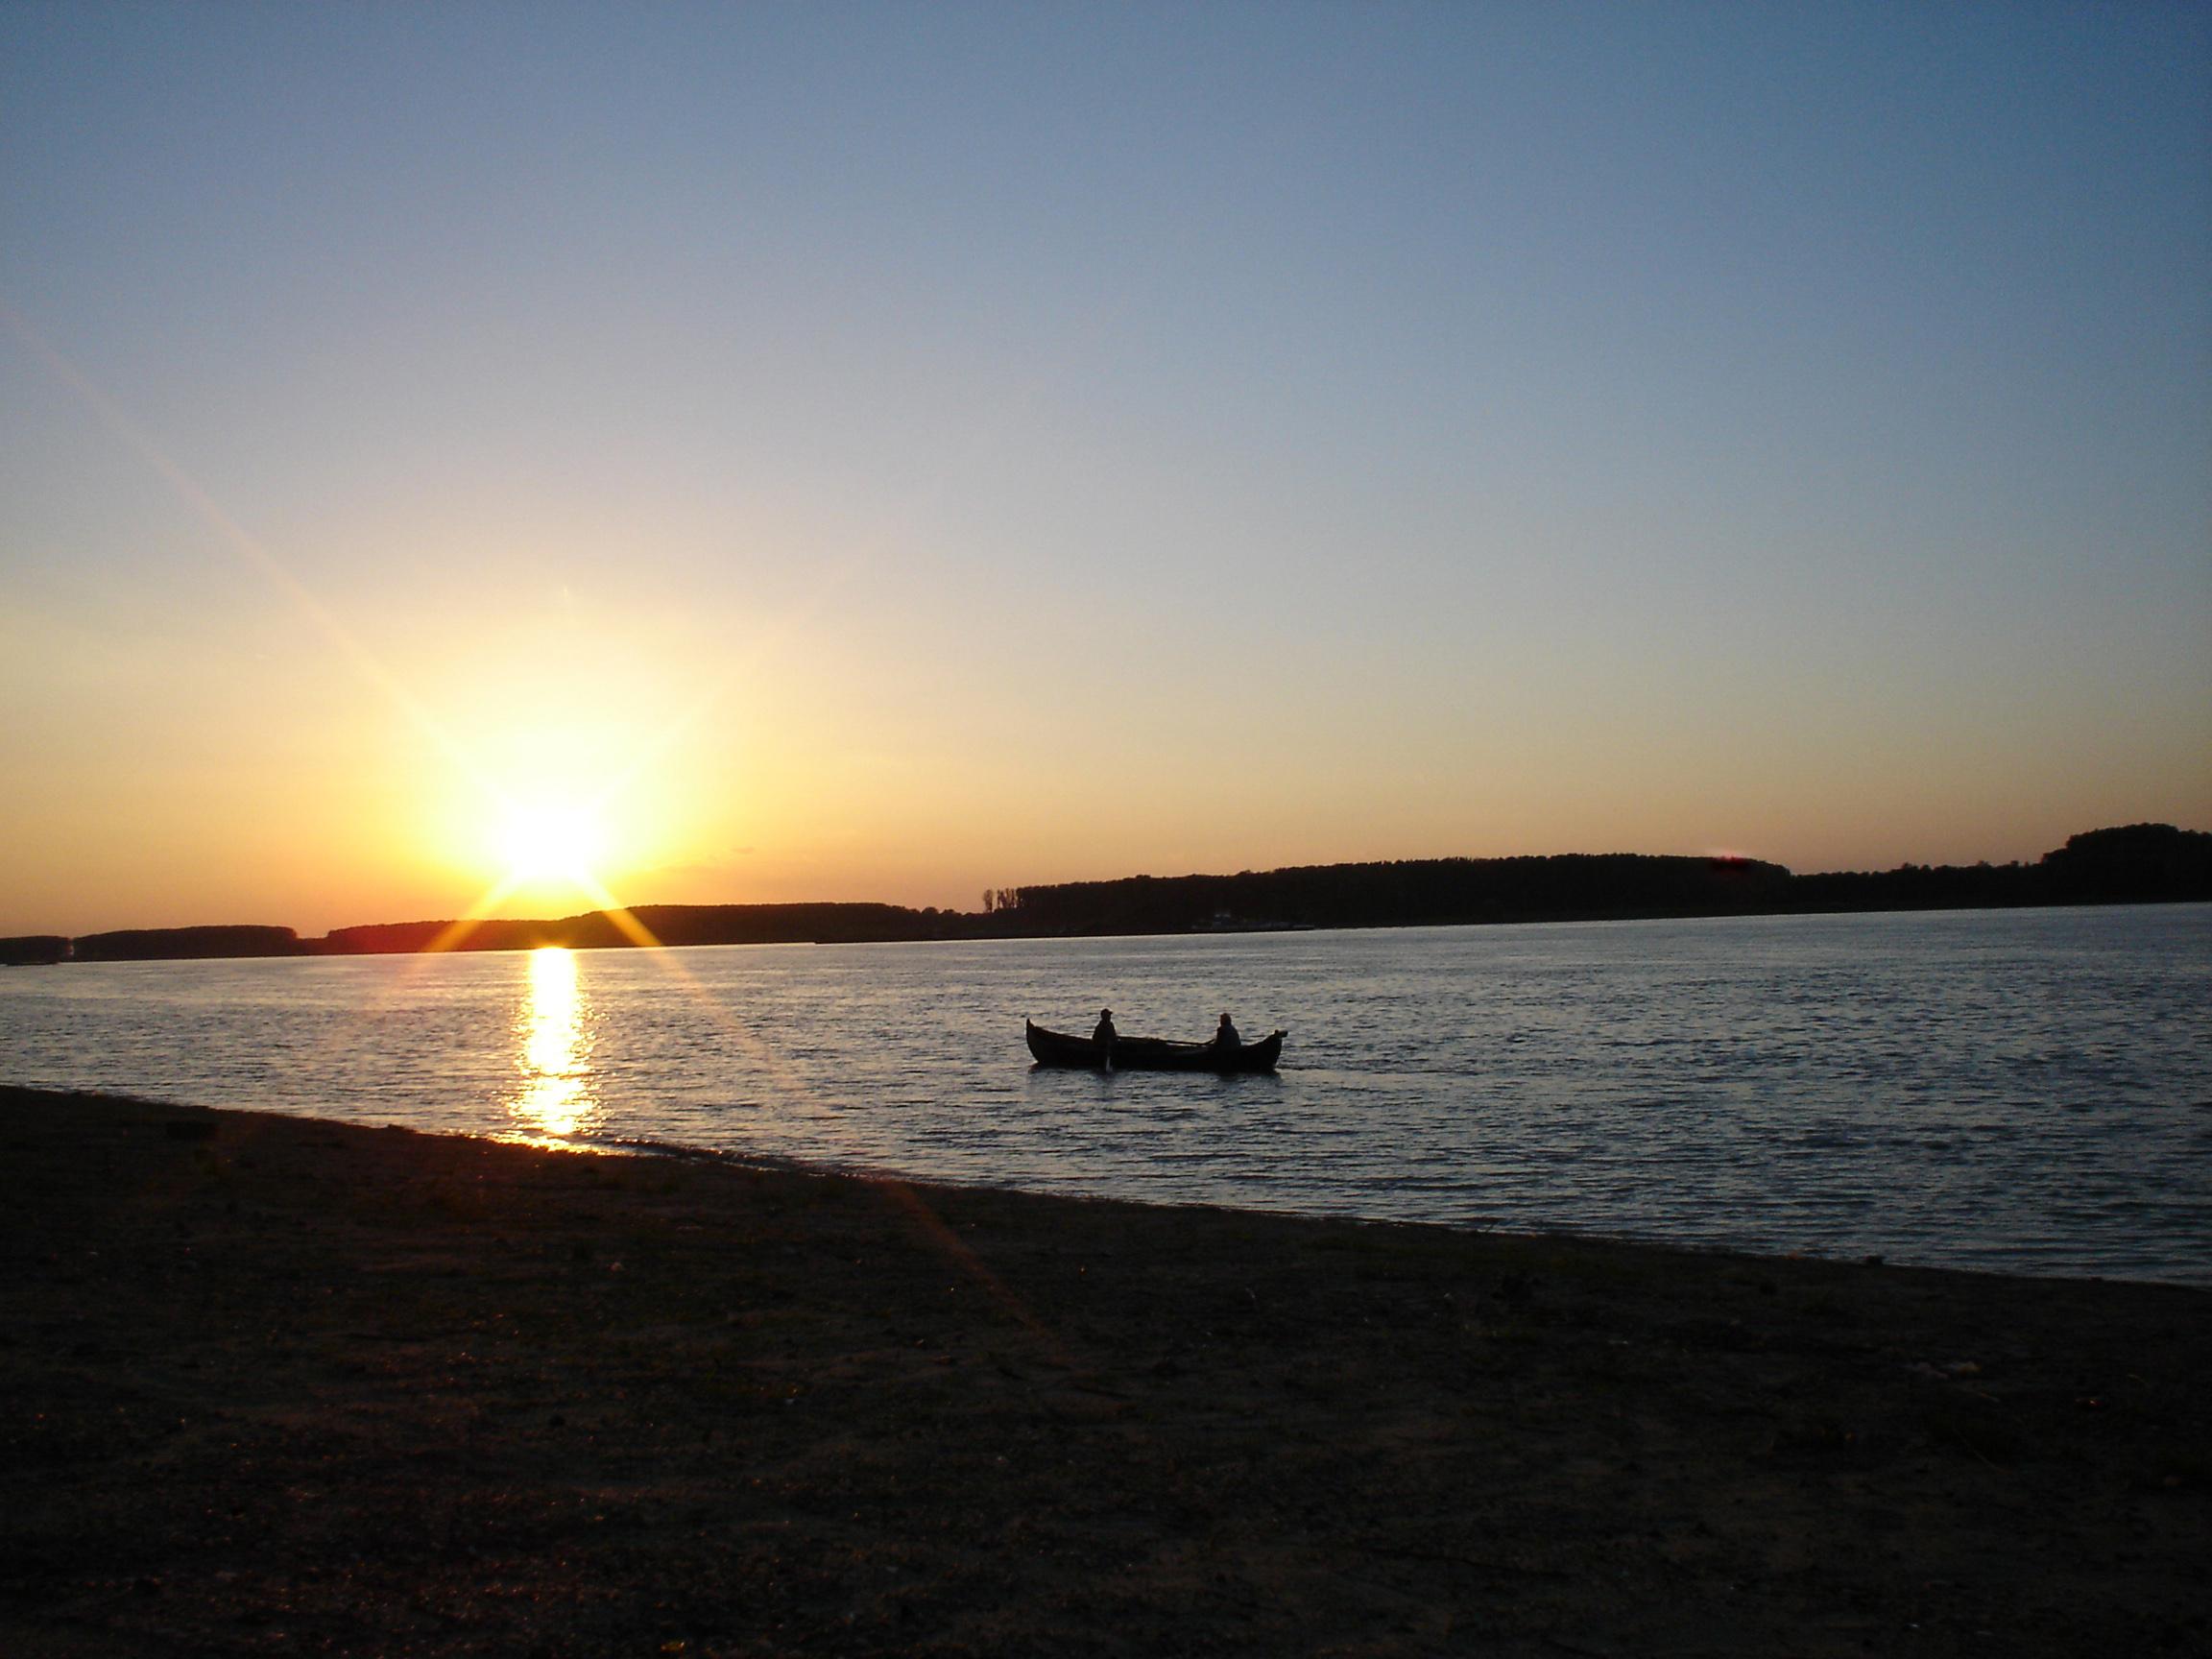 Hometown sunset photo